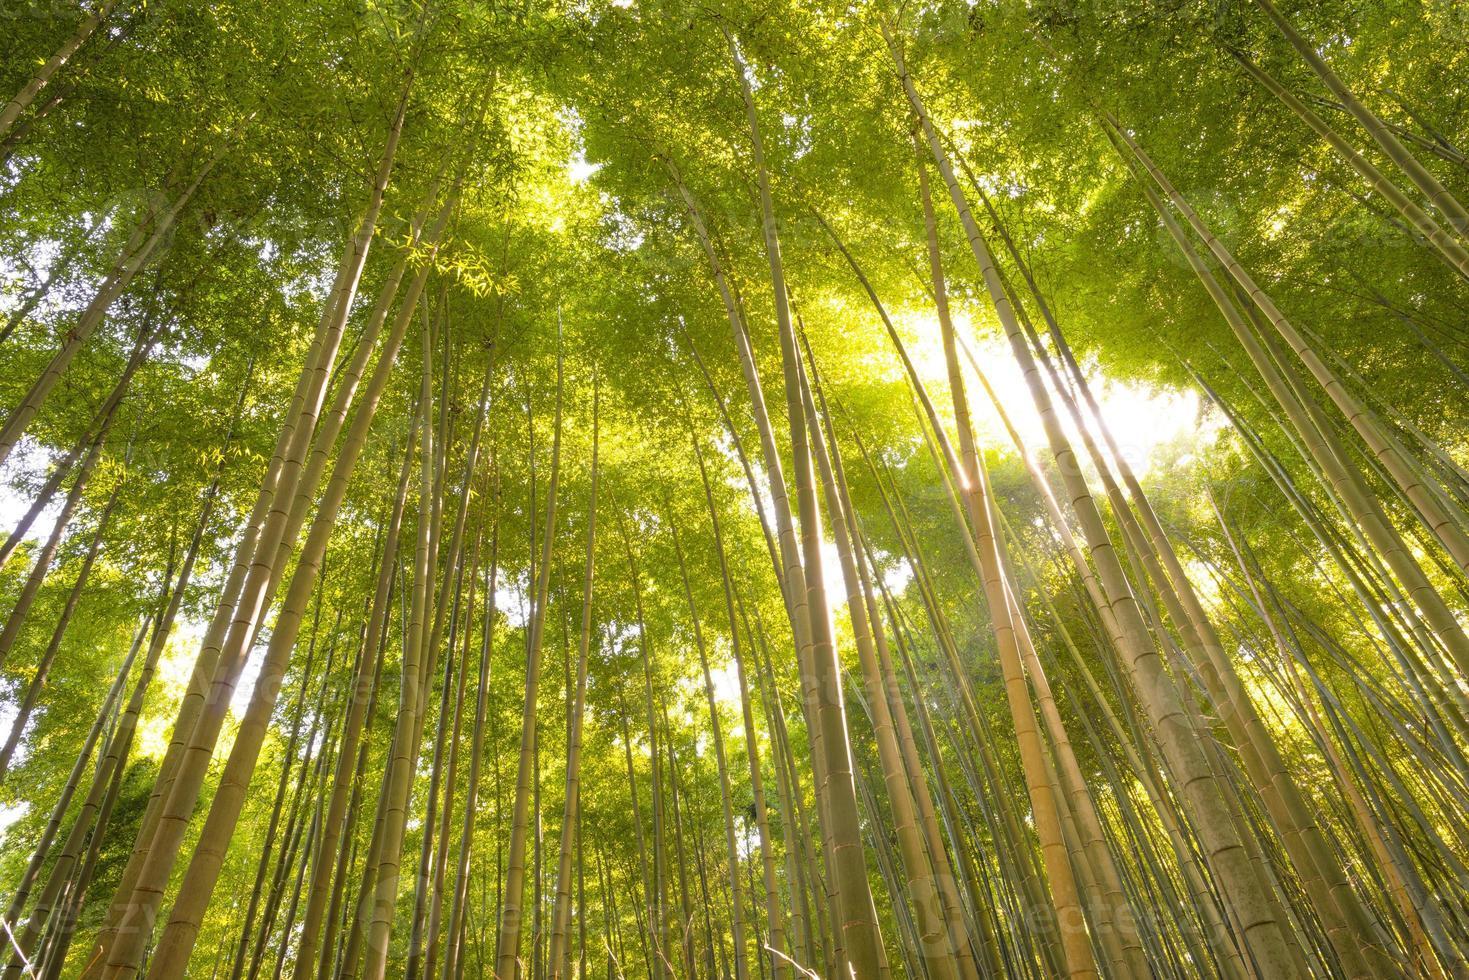 floresta de bambu, kyoto, japão foto